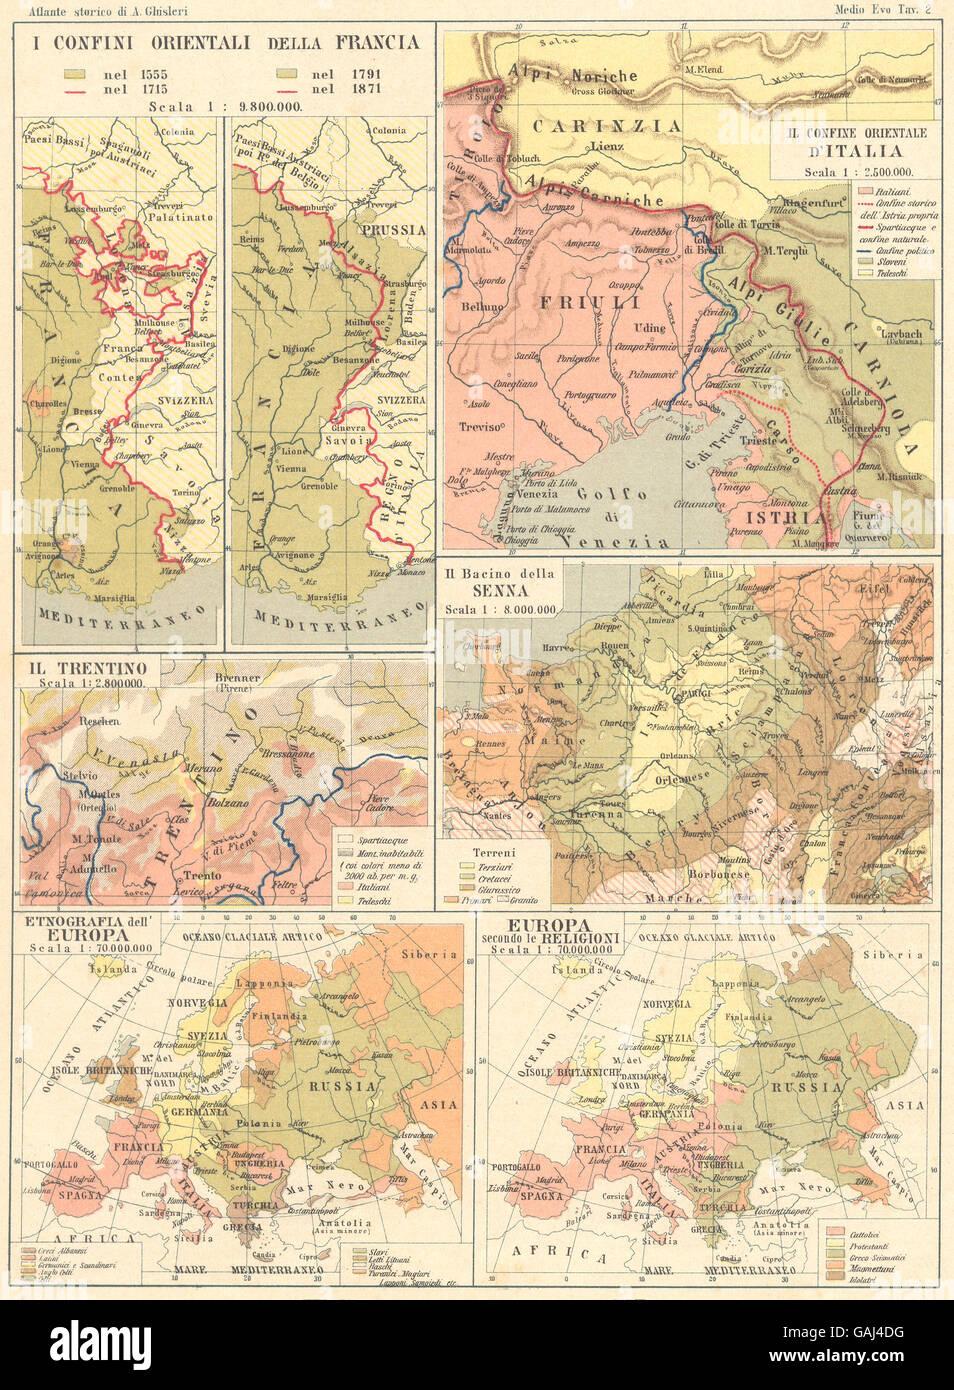 FRANCIA: Italia; Trentino; Senna; Etnografia Europa; Religioni, 1889 mappa vecchia Immagini Stock